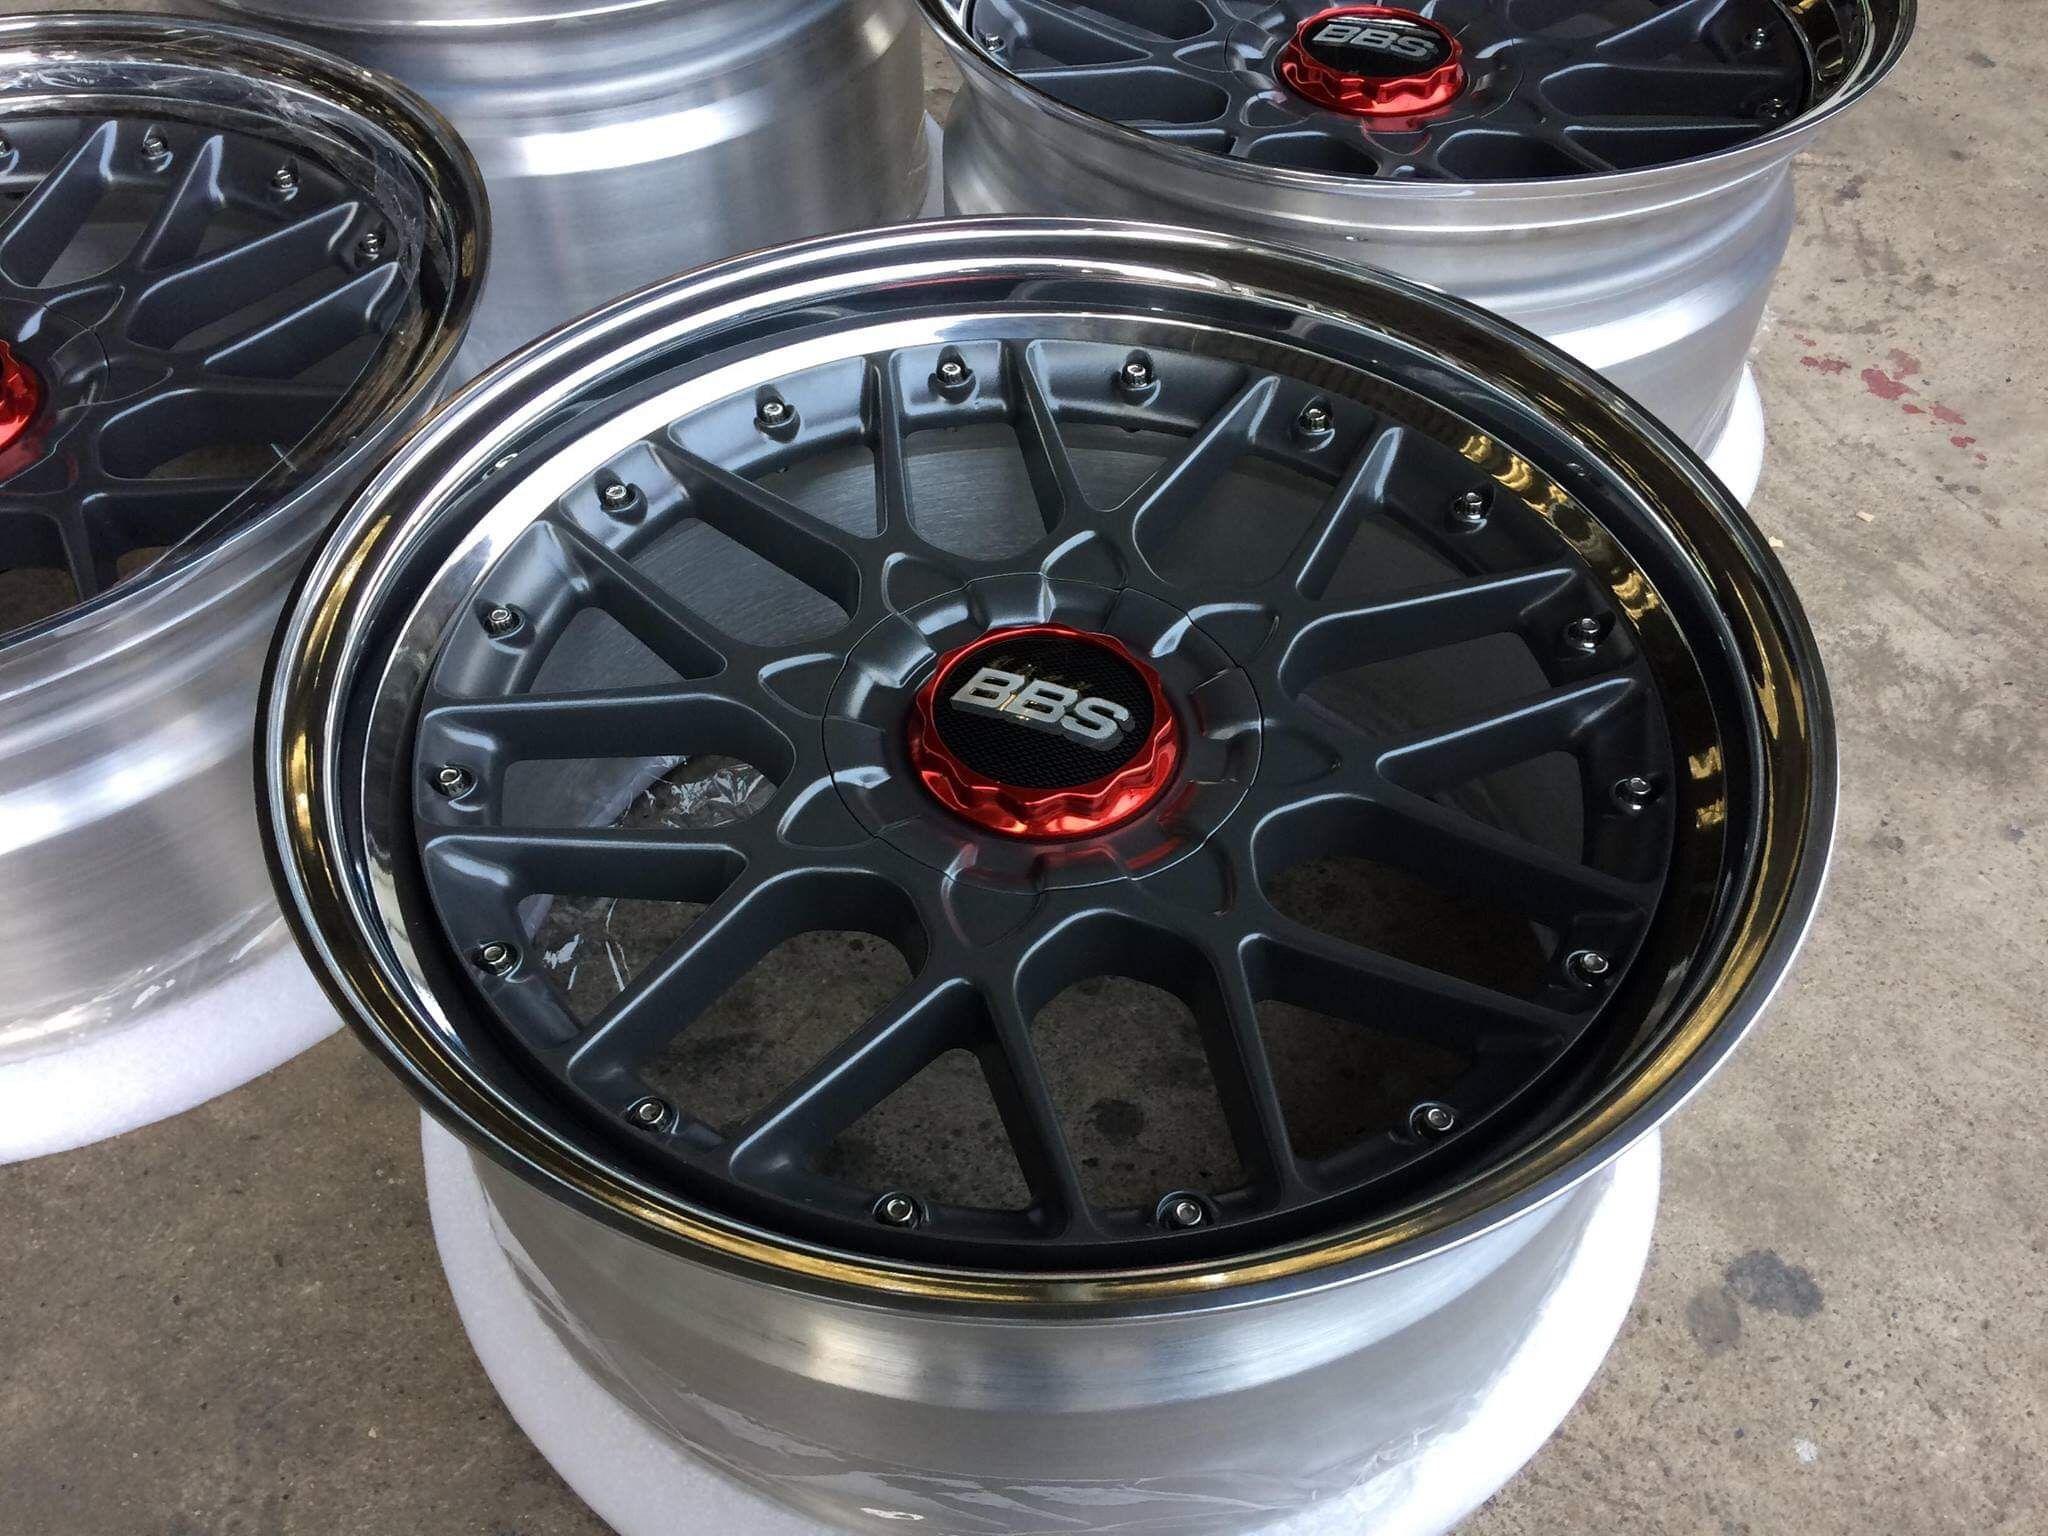 Bbs Rs2 18 Convert To 19 Bbs Wheel Bbs Wheels Alloy Wheel Car